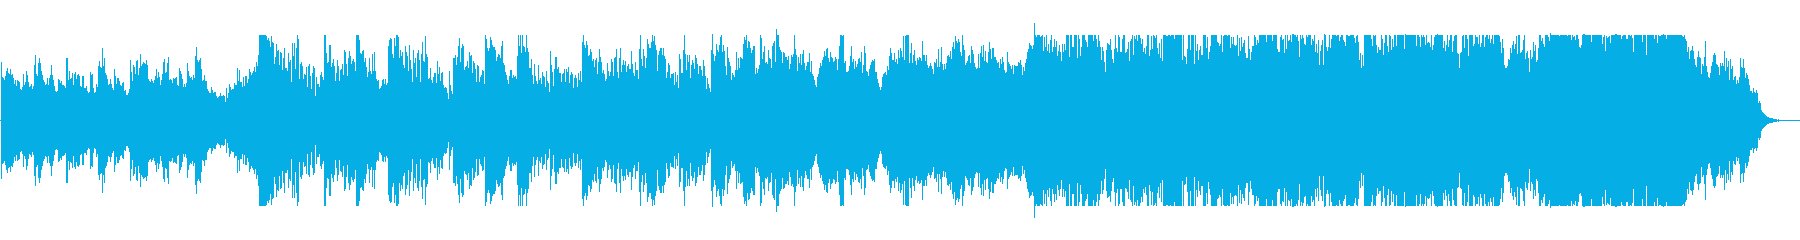 スケール感のある情熱的なピアノ曲の再生済みの波形